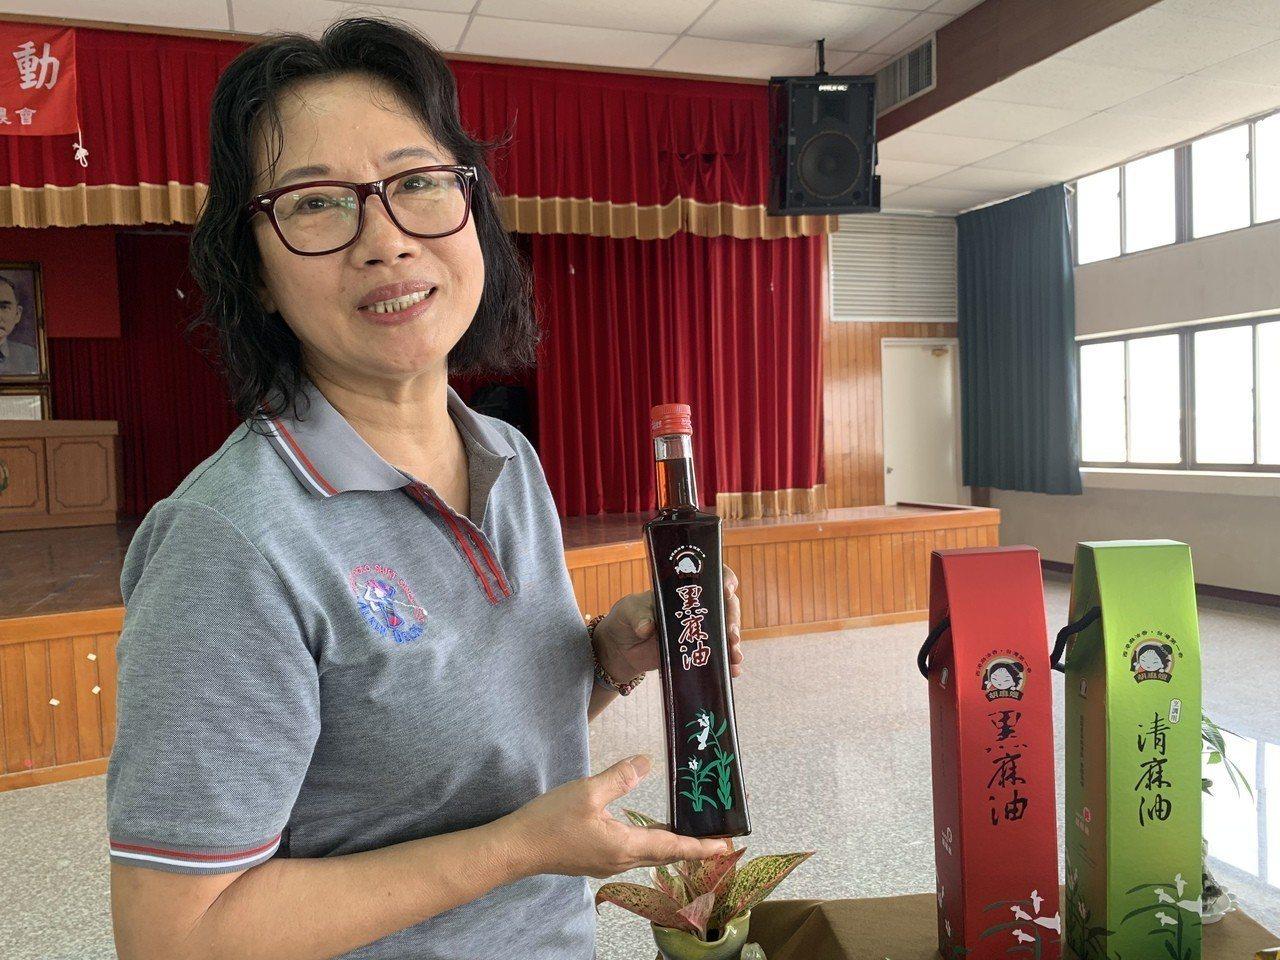 台南西港區農會總幹事陳月英是最資深女性總幹事之一,成功建立「胡麻嫂」品牌,把西港...